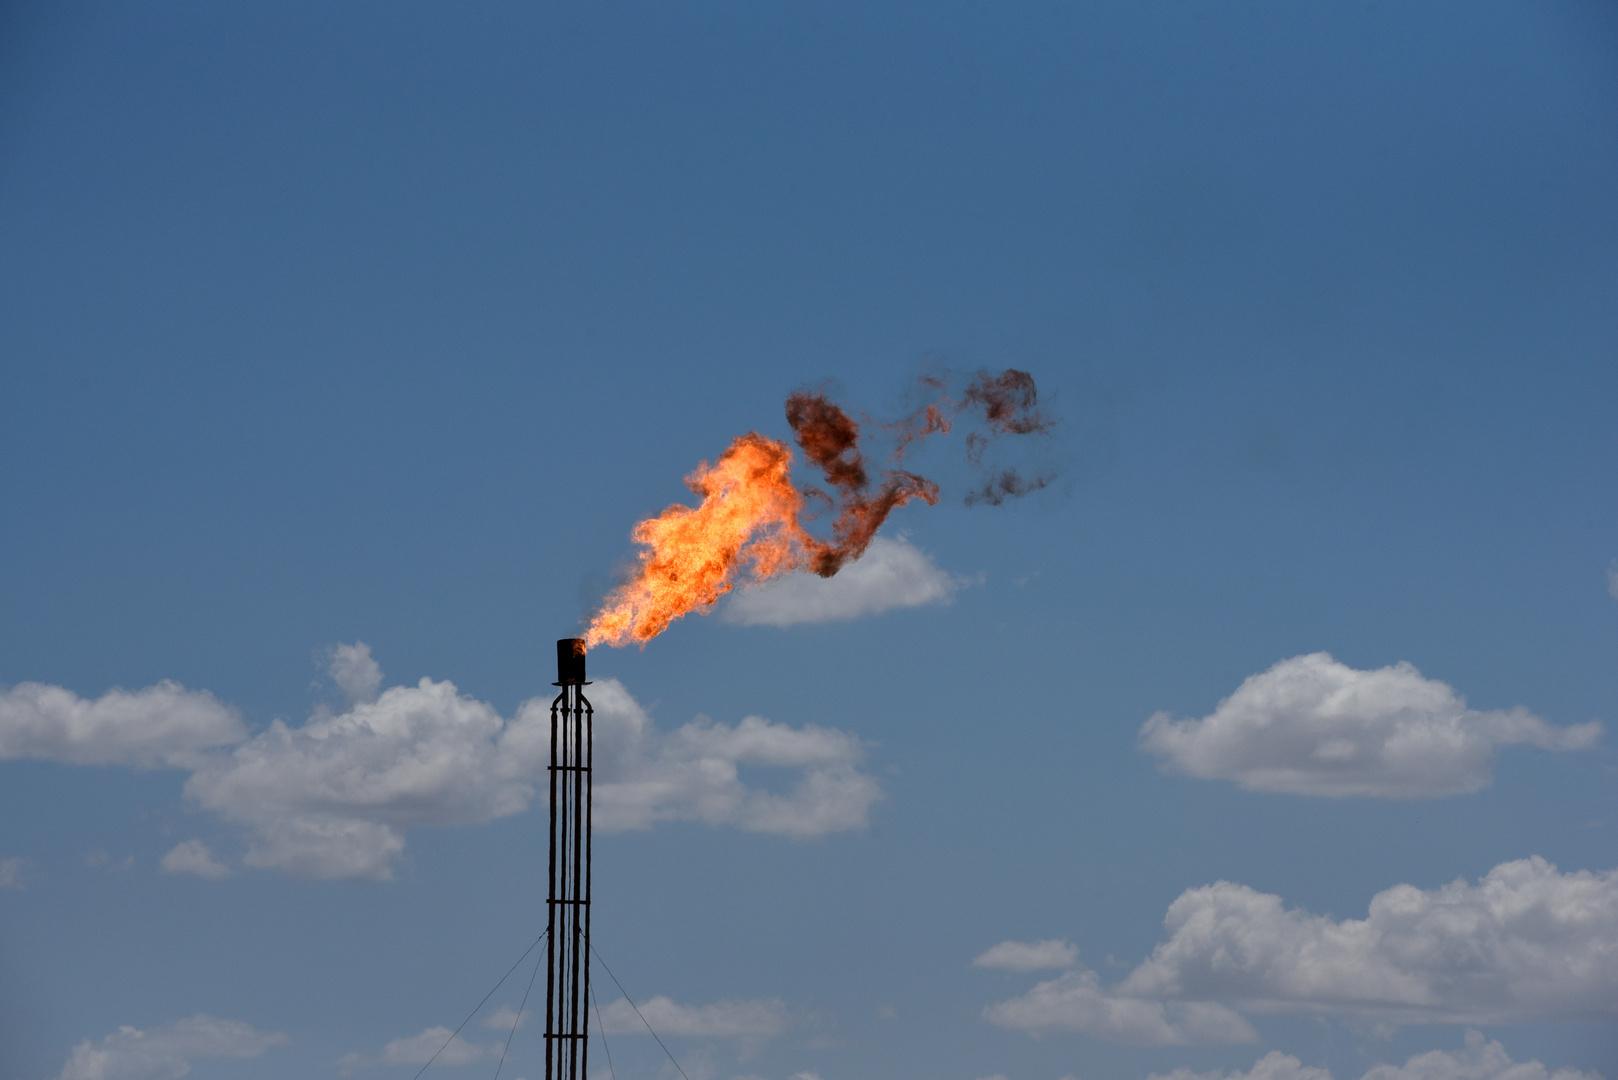 توسّع الغاز الأمريكي يضرب إيران وروسيا